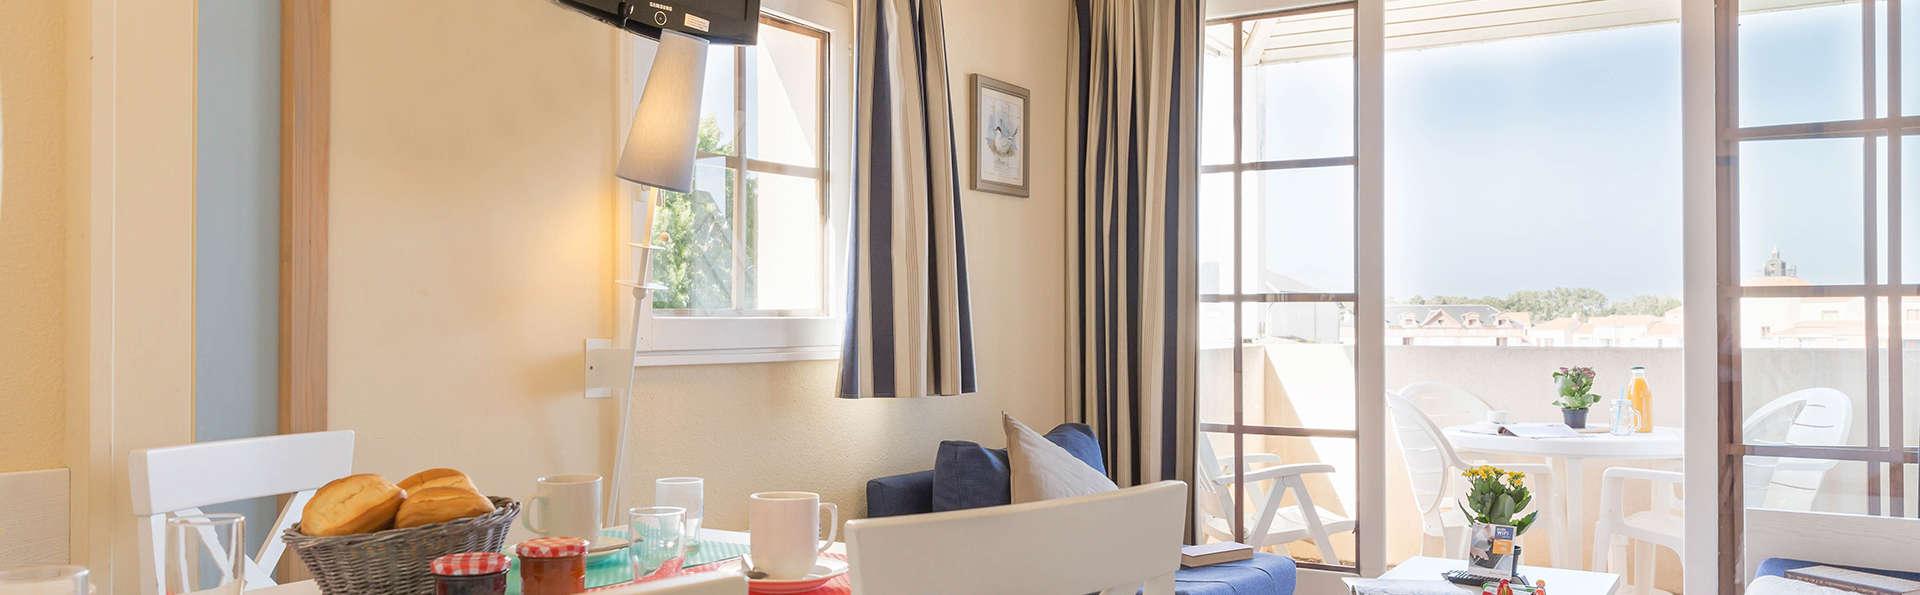 Pierre et Vacances Village Port Bourgenay - Edit_Apartment3.jpg